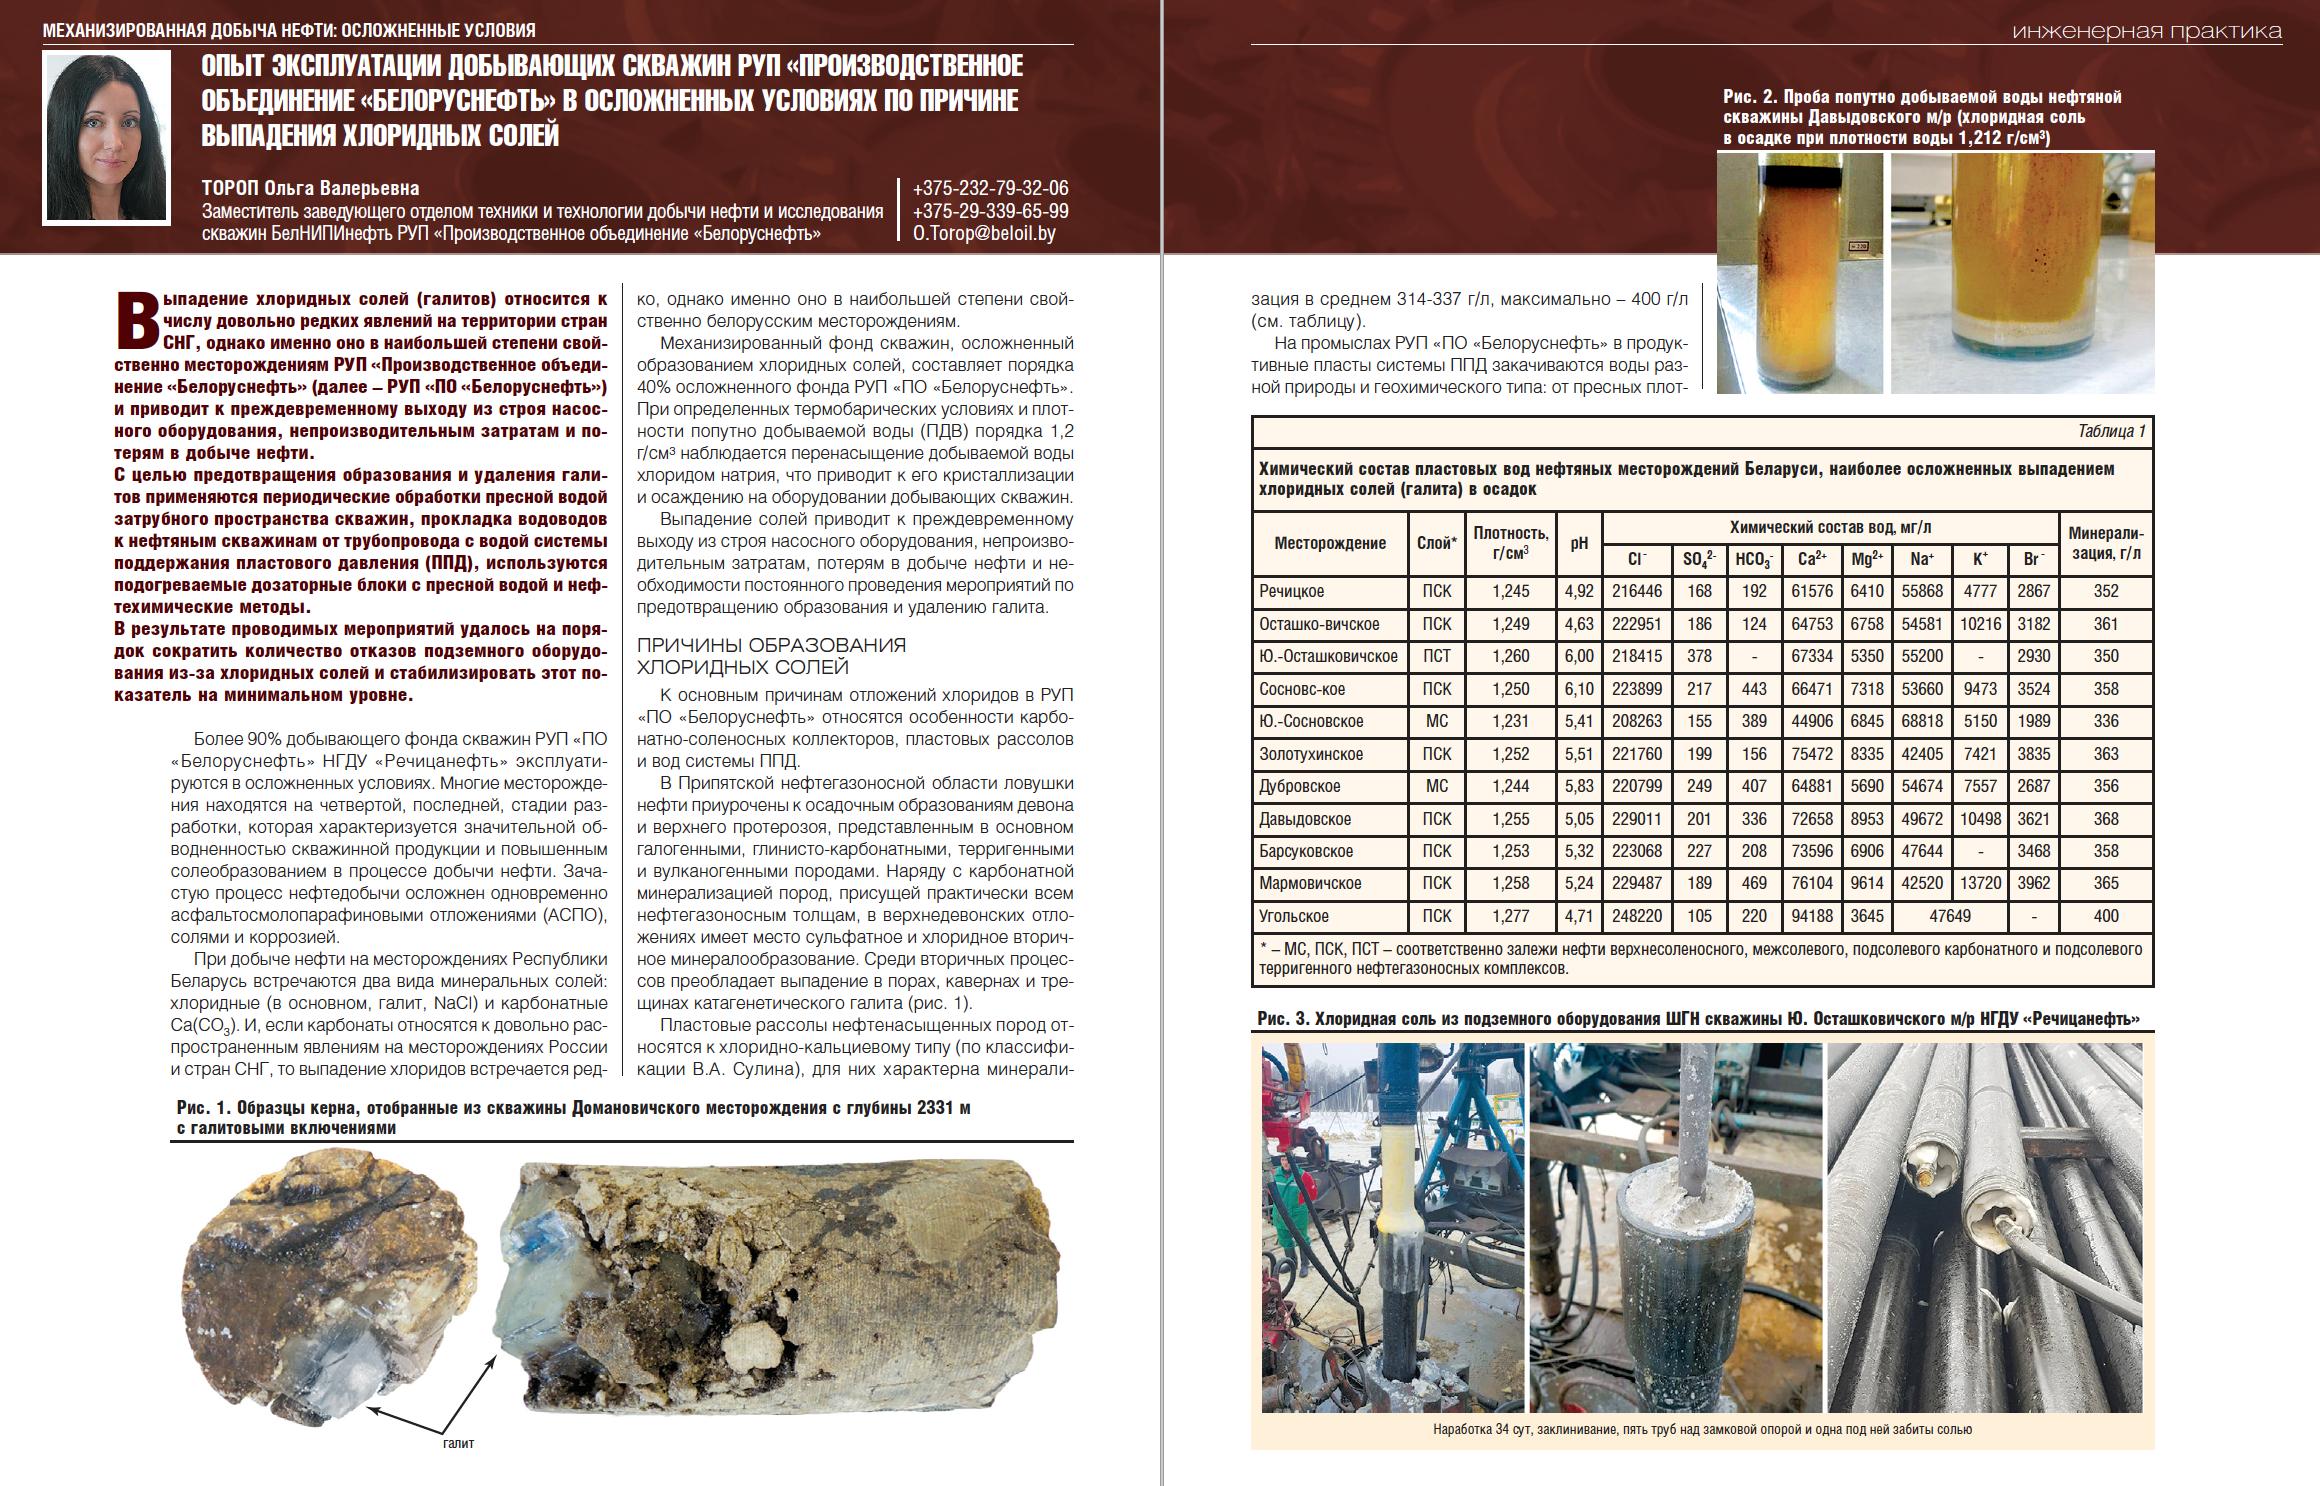 31120 Опыт эксплуатации добывающих скважин РУП «Производственное объединение «Белоруснефть» в осложненных условиях по причине выпадения хлоридных солей